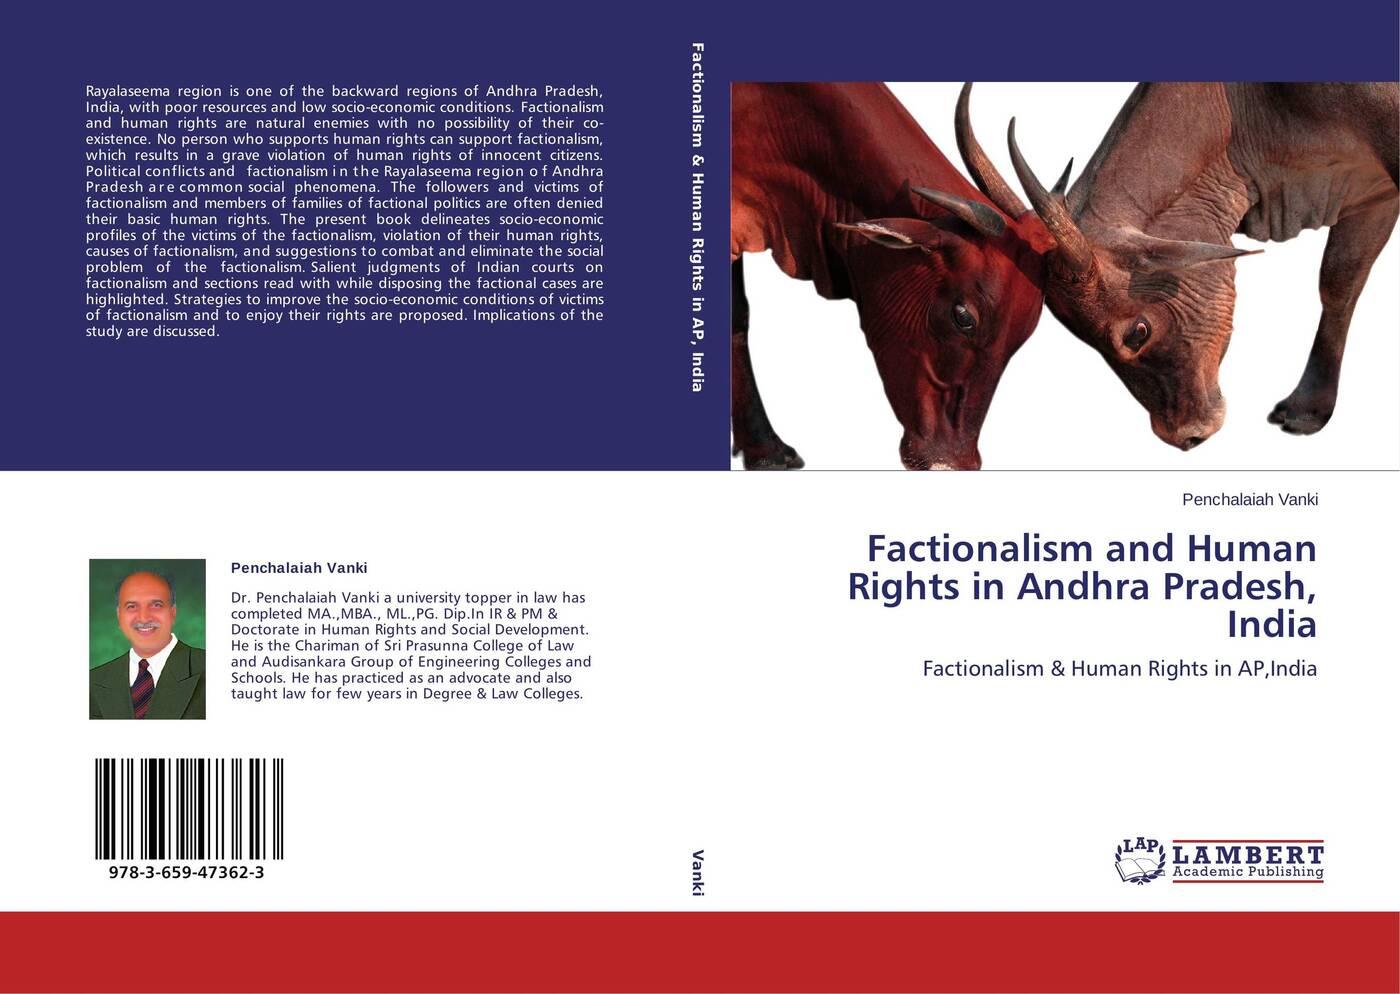 Penchalaiah Vanki Factionalism and Human Rights in Andhra Pradesh, India kolber adél sanctions alleviating or deepening the violation of human rights